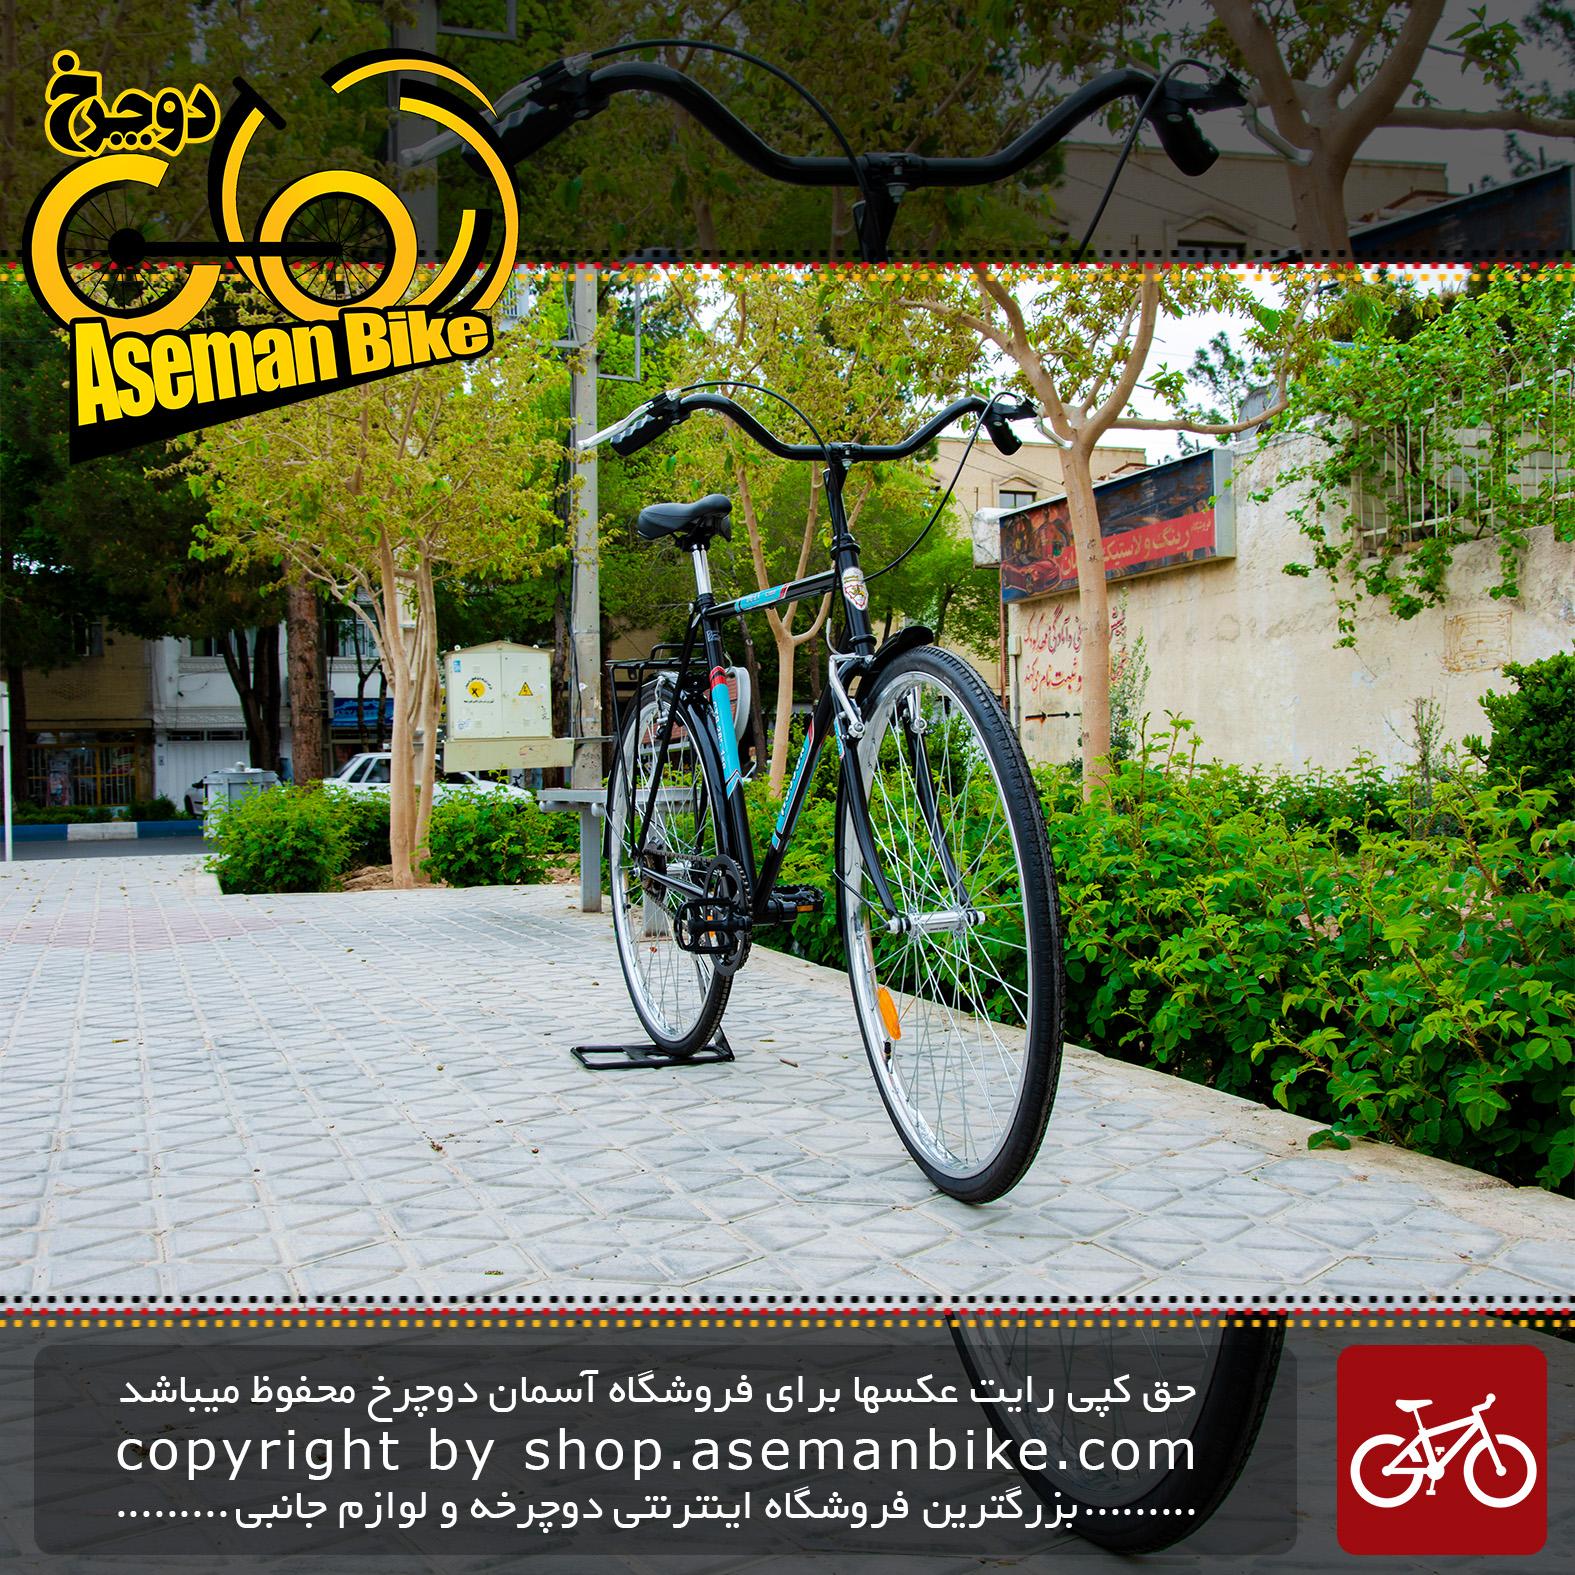 دوچرخه شهری سایکلی آساک مدل دیان سایز 28 اینچ سی 5555 Assak City Bicycle Dian 28 C5555